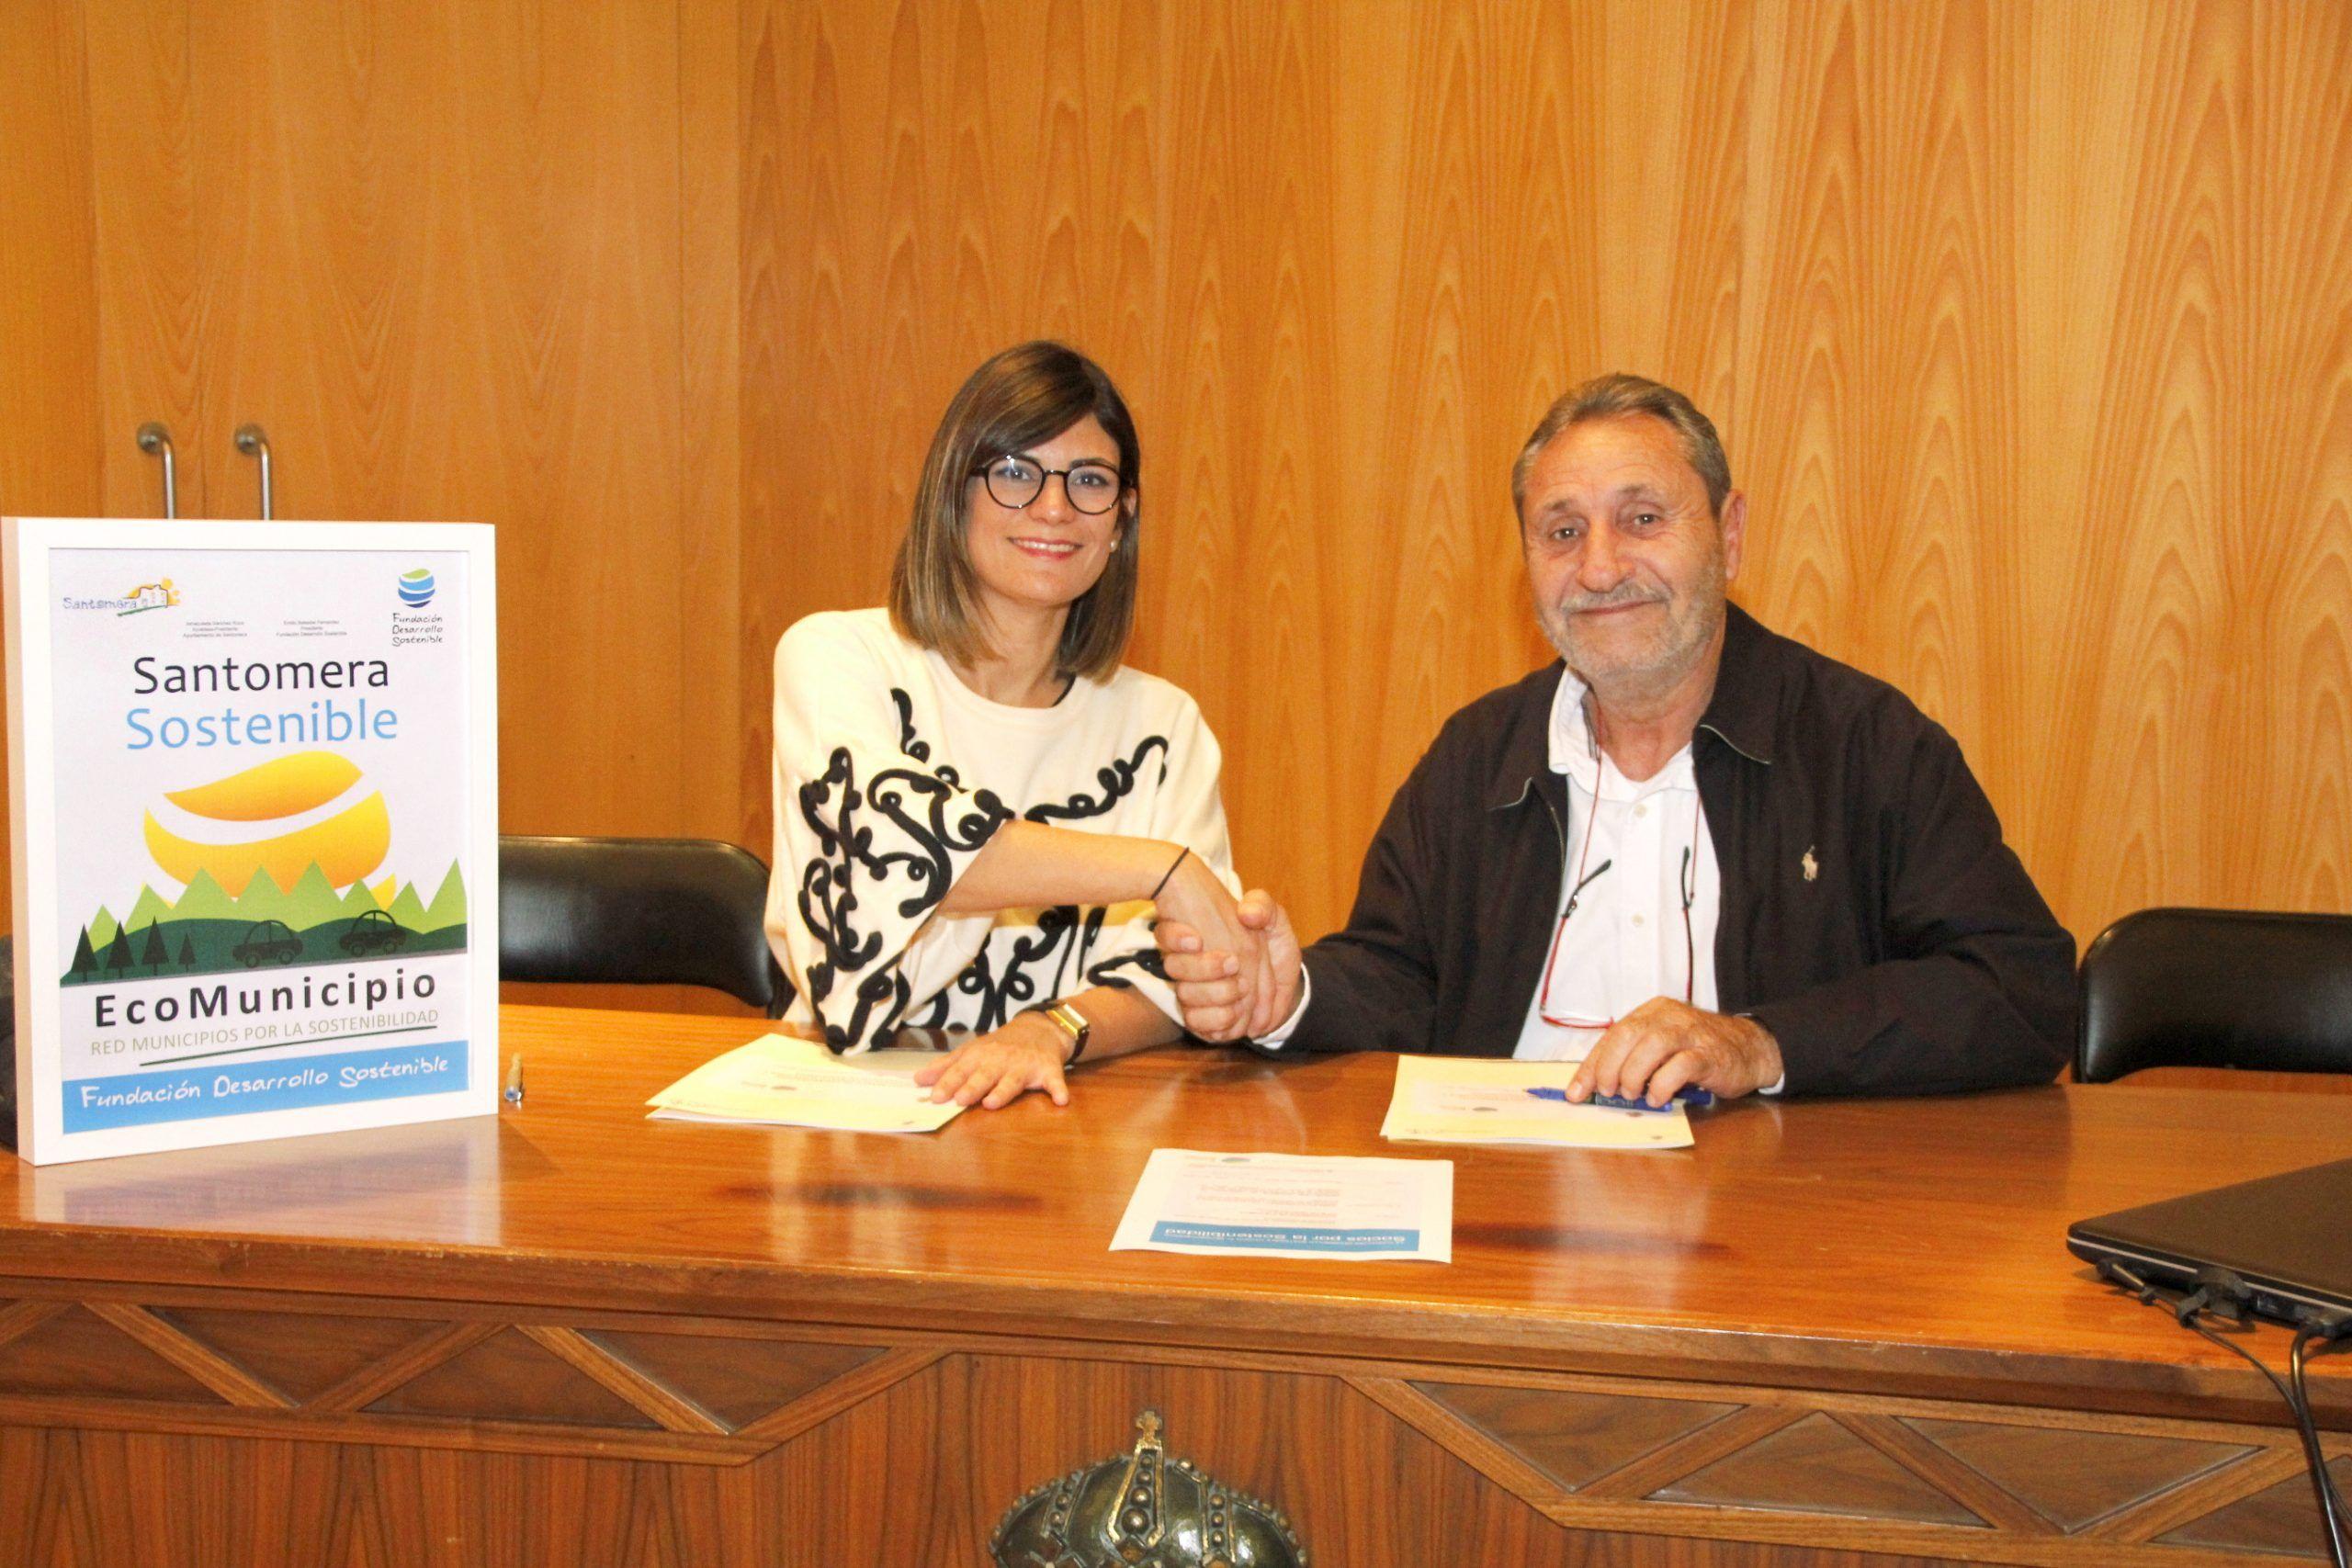 santomera1 - El Ayuntamiento de Santomera y la Fundación Desarrollo Sostenible firman un convenio para impulsar el desarrollo sostenible y reducir las emisiones de CO2 en Santomera